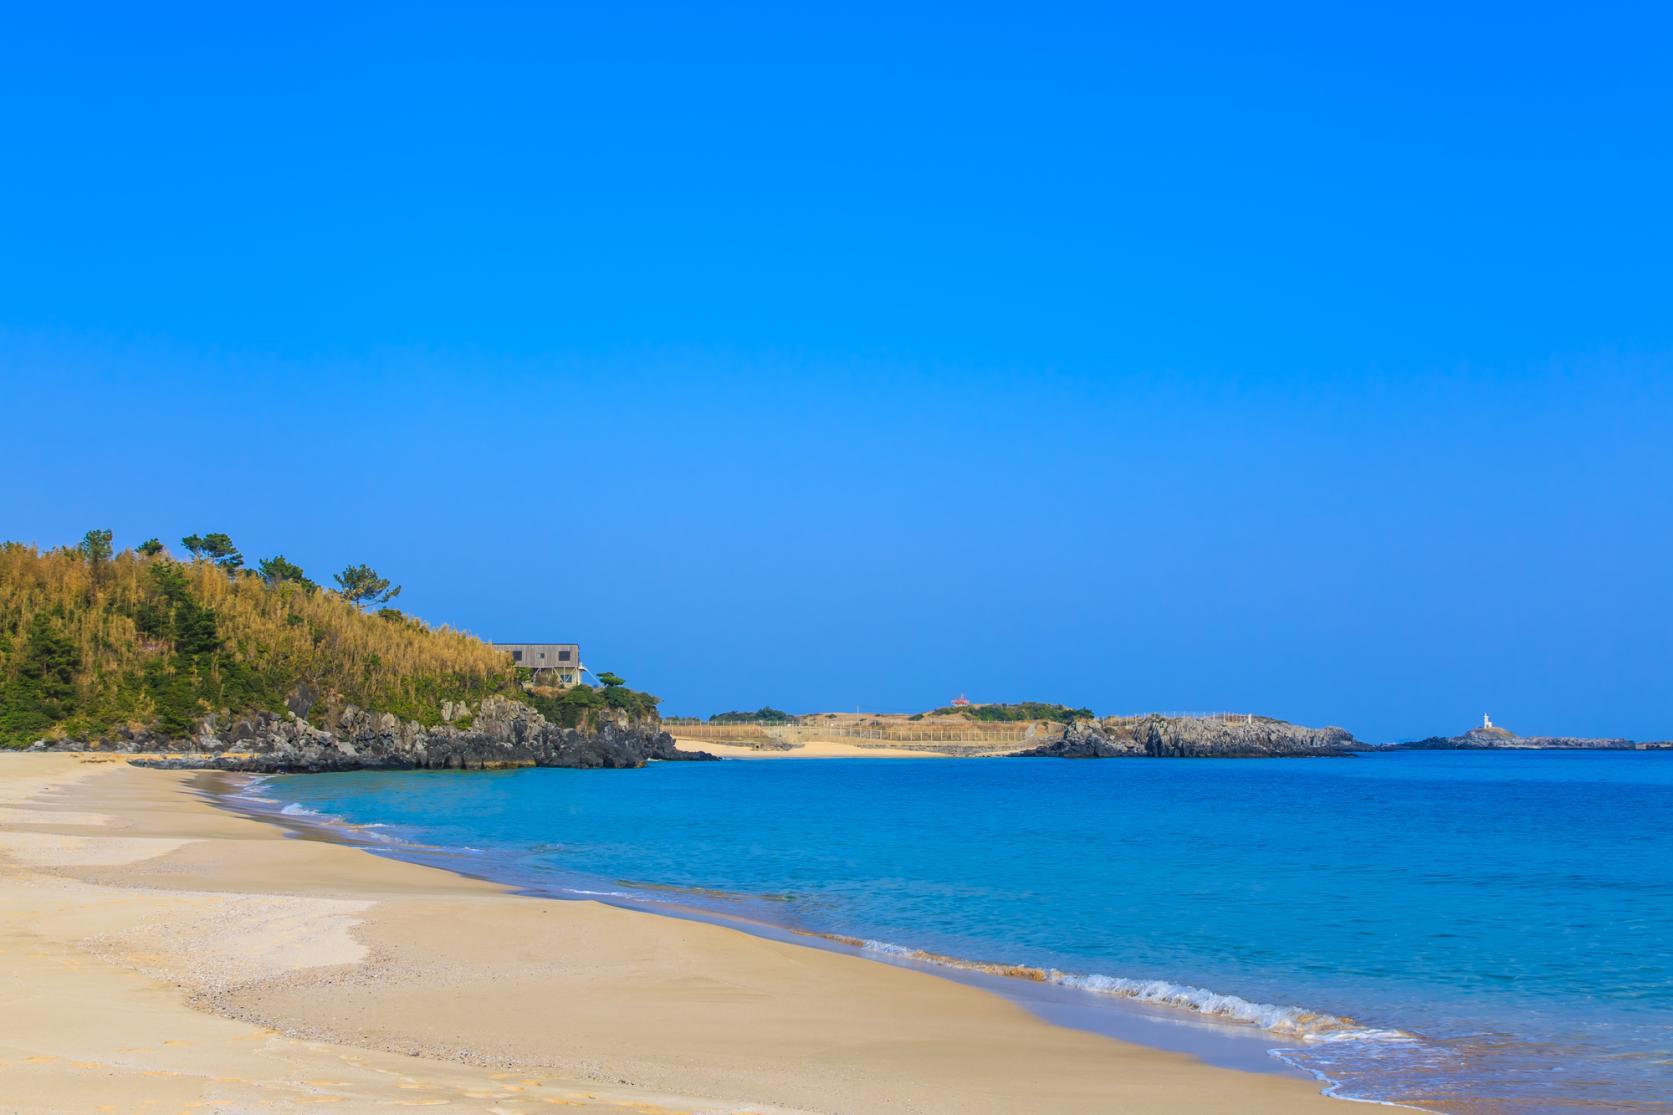 エメラルド色に輝く海や白砂のビーチを独り占め!?-3